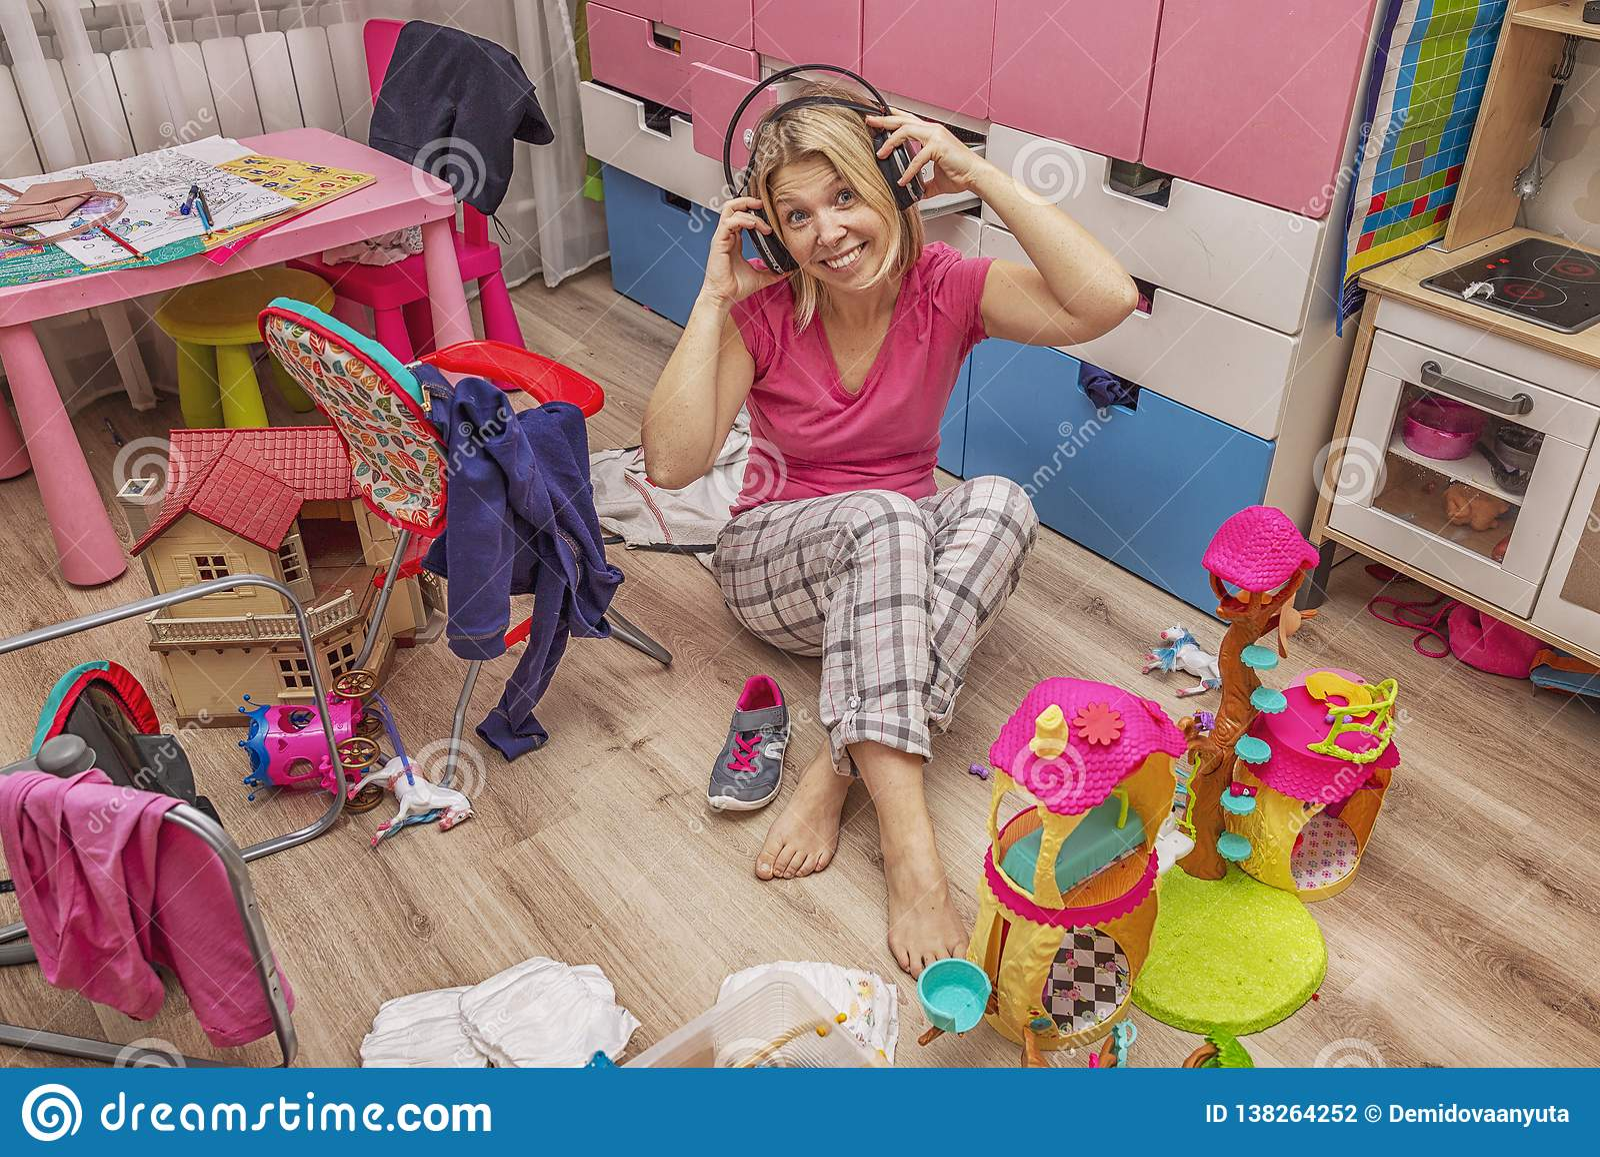 Jeune femme dans des écouteurs dans une salle de désordre